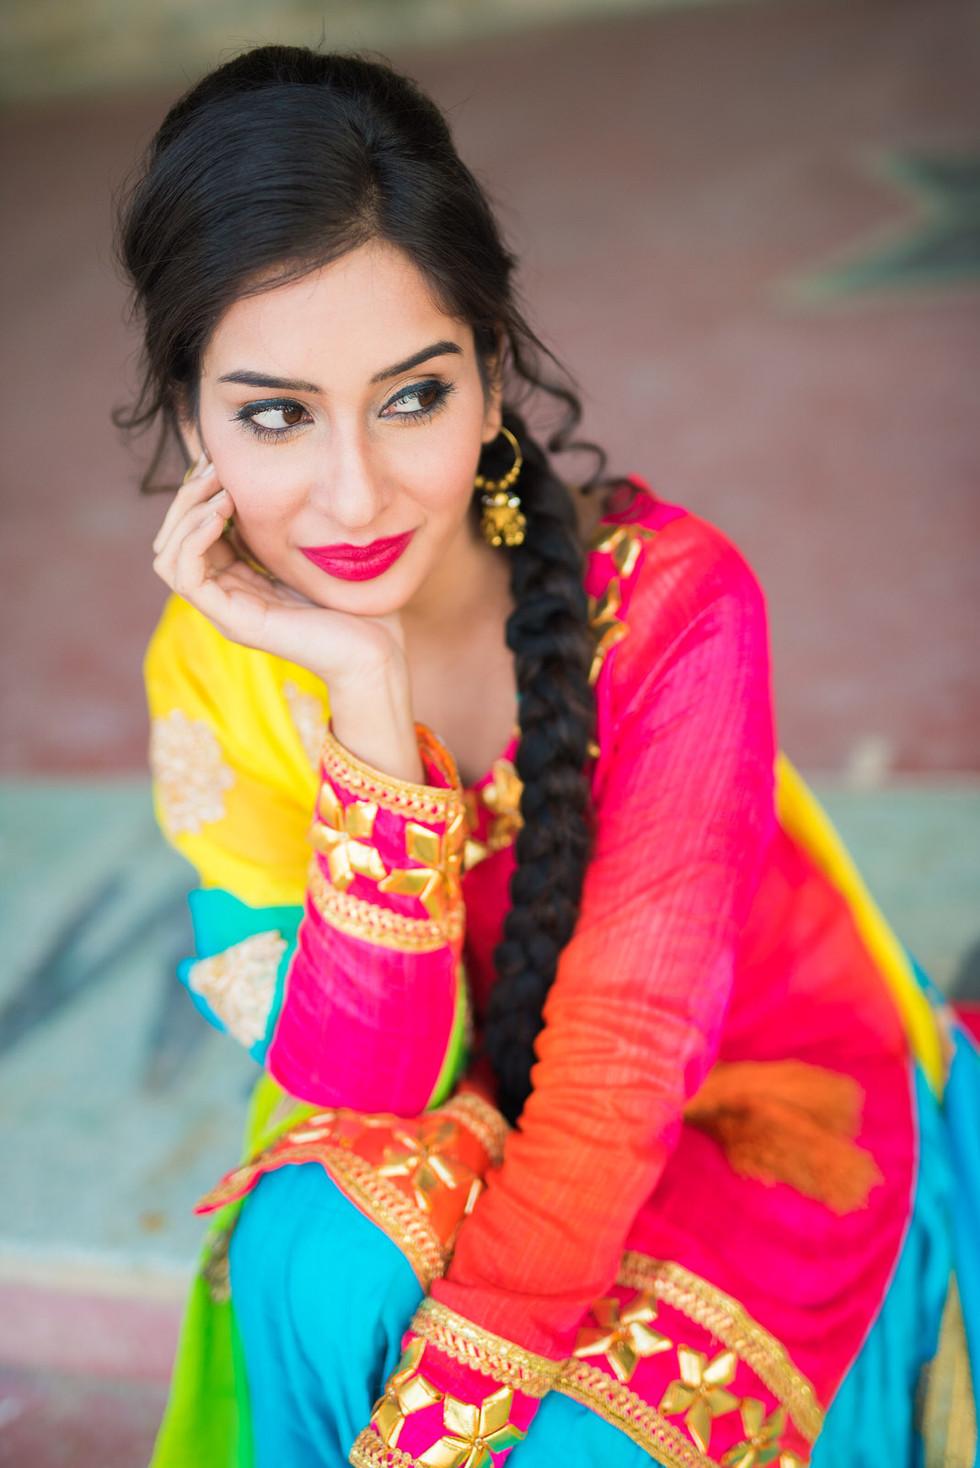 Chirag Thakur Punjabi Female Model Posin